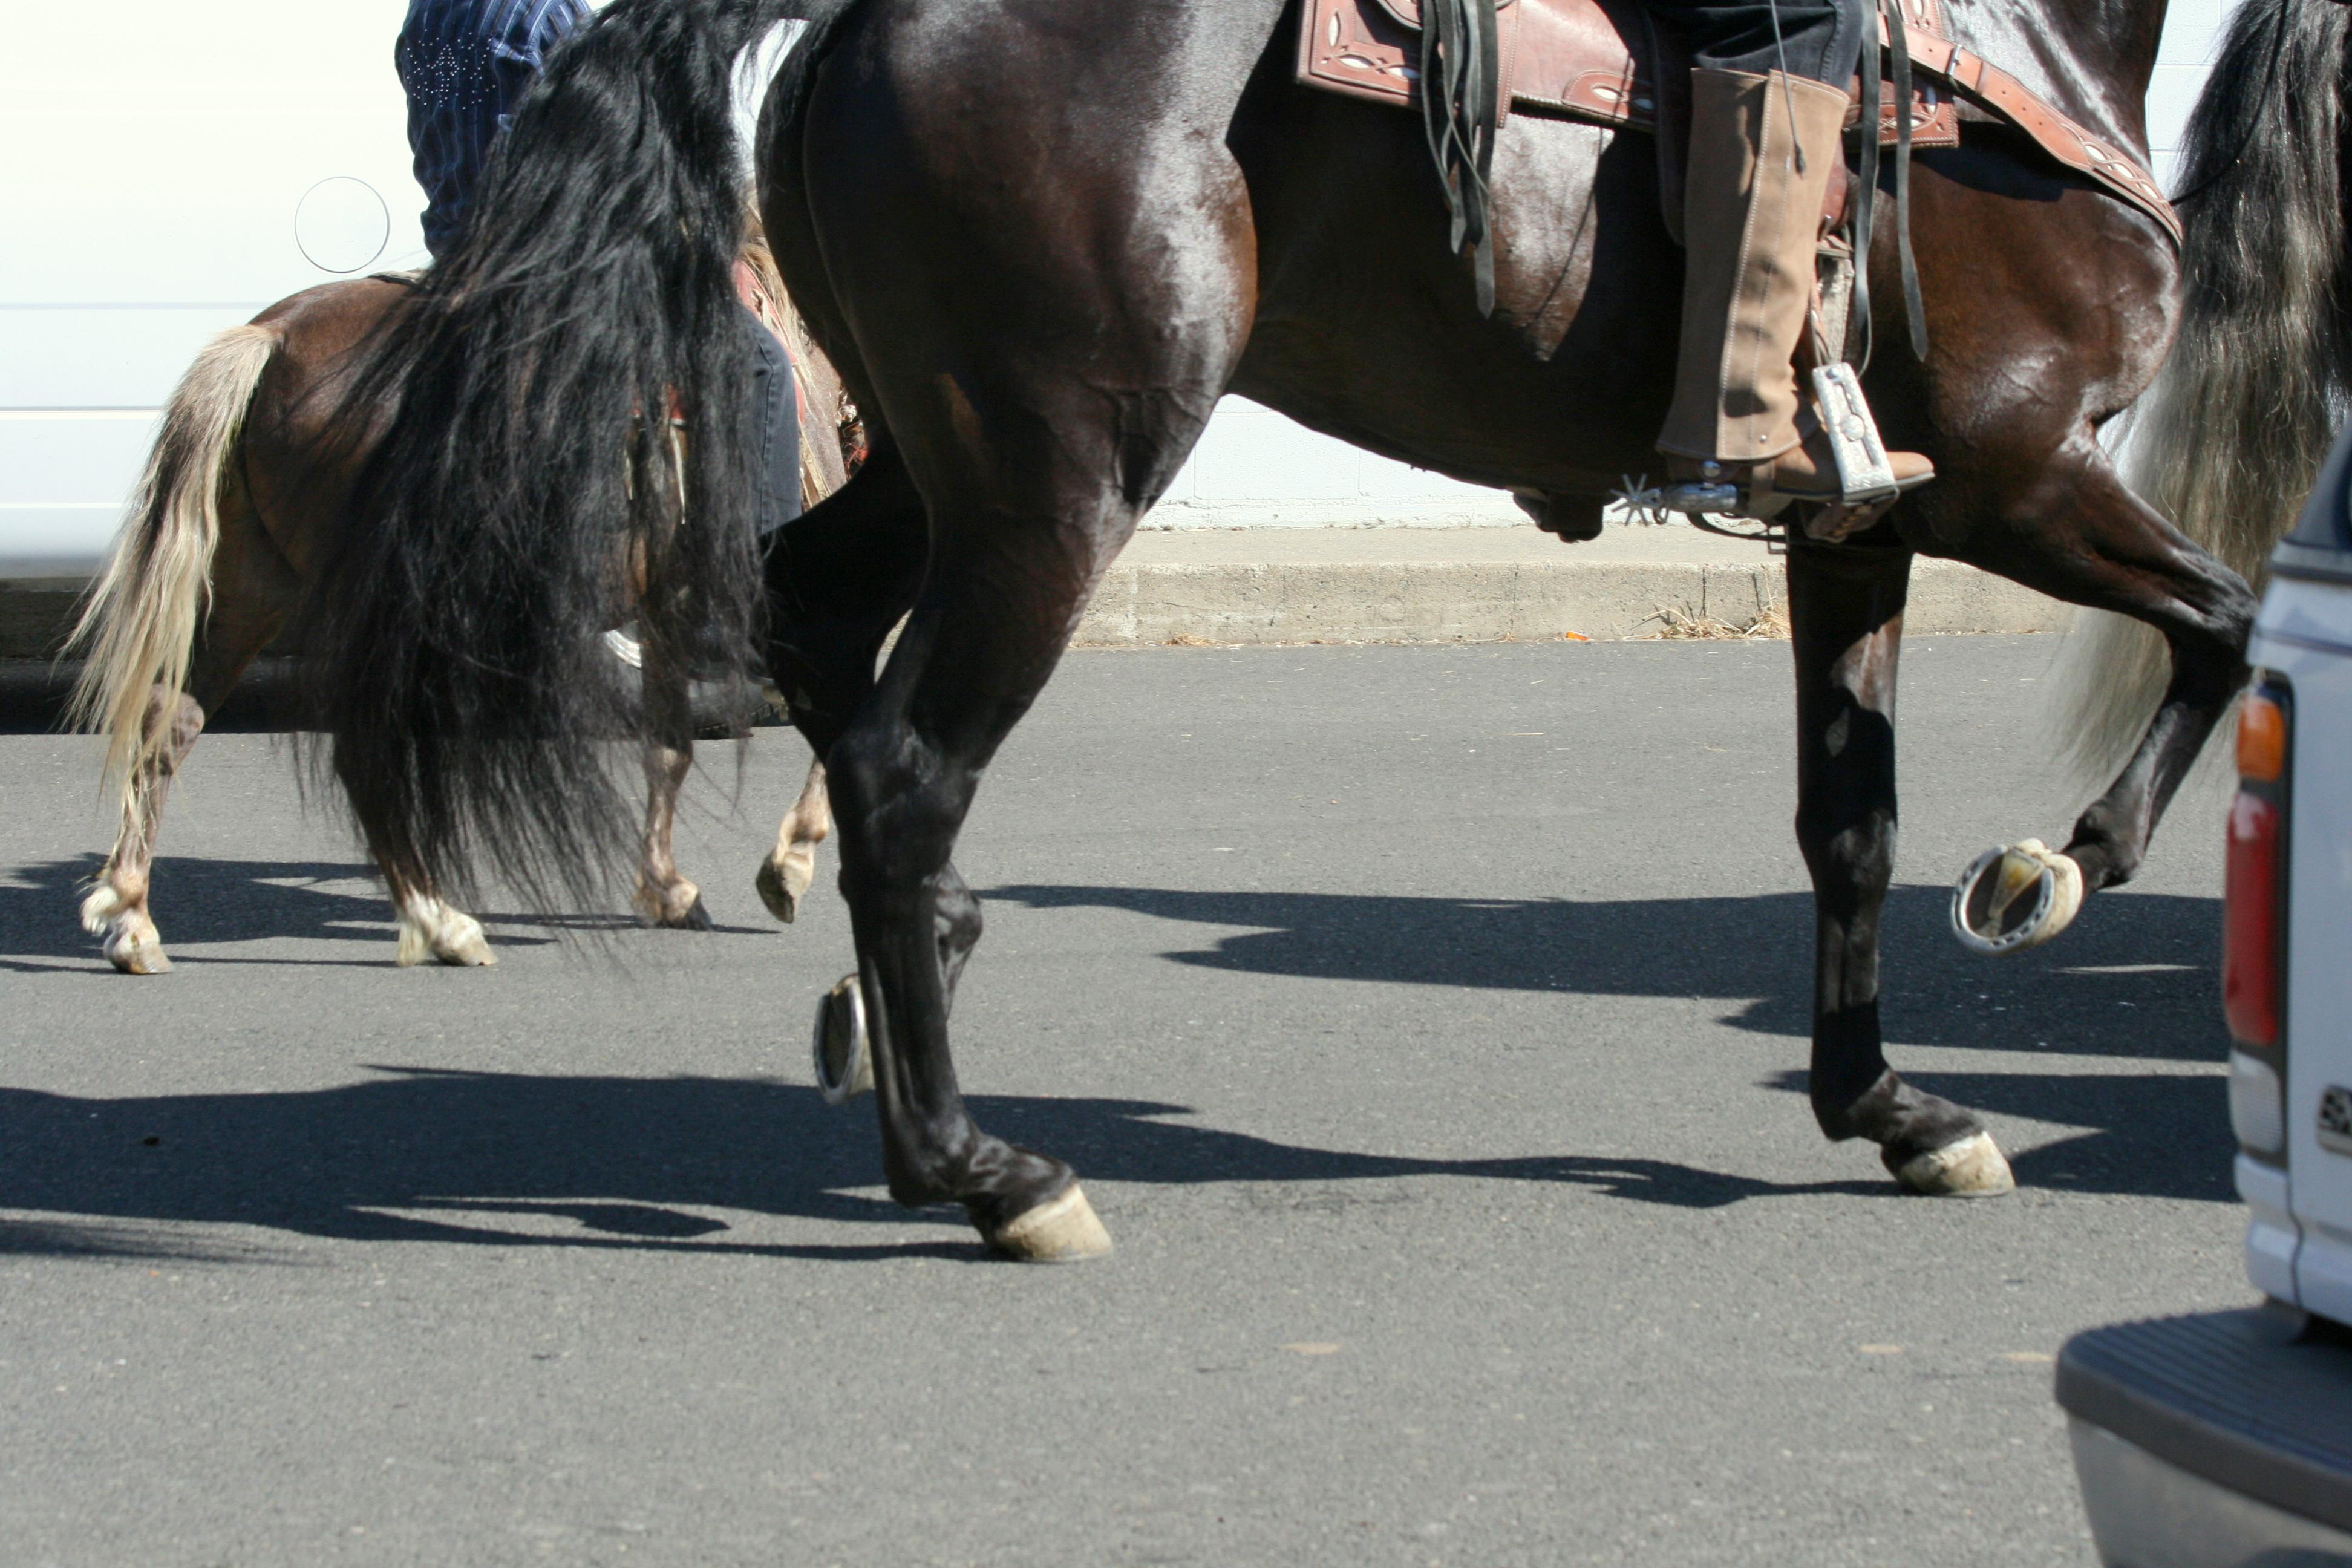 картинки конь танцует раскрасках